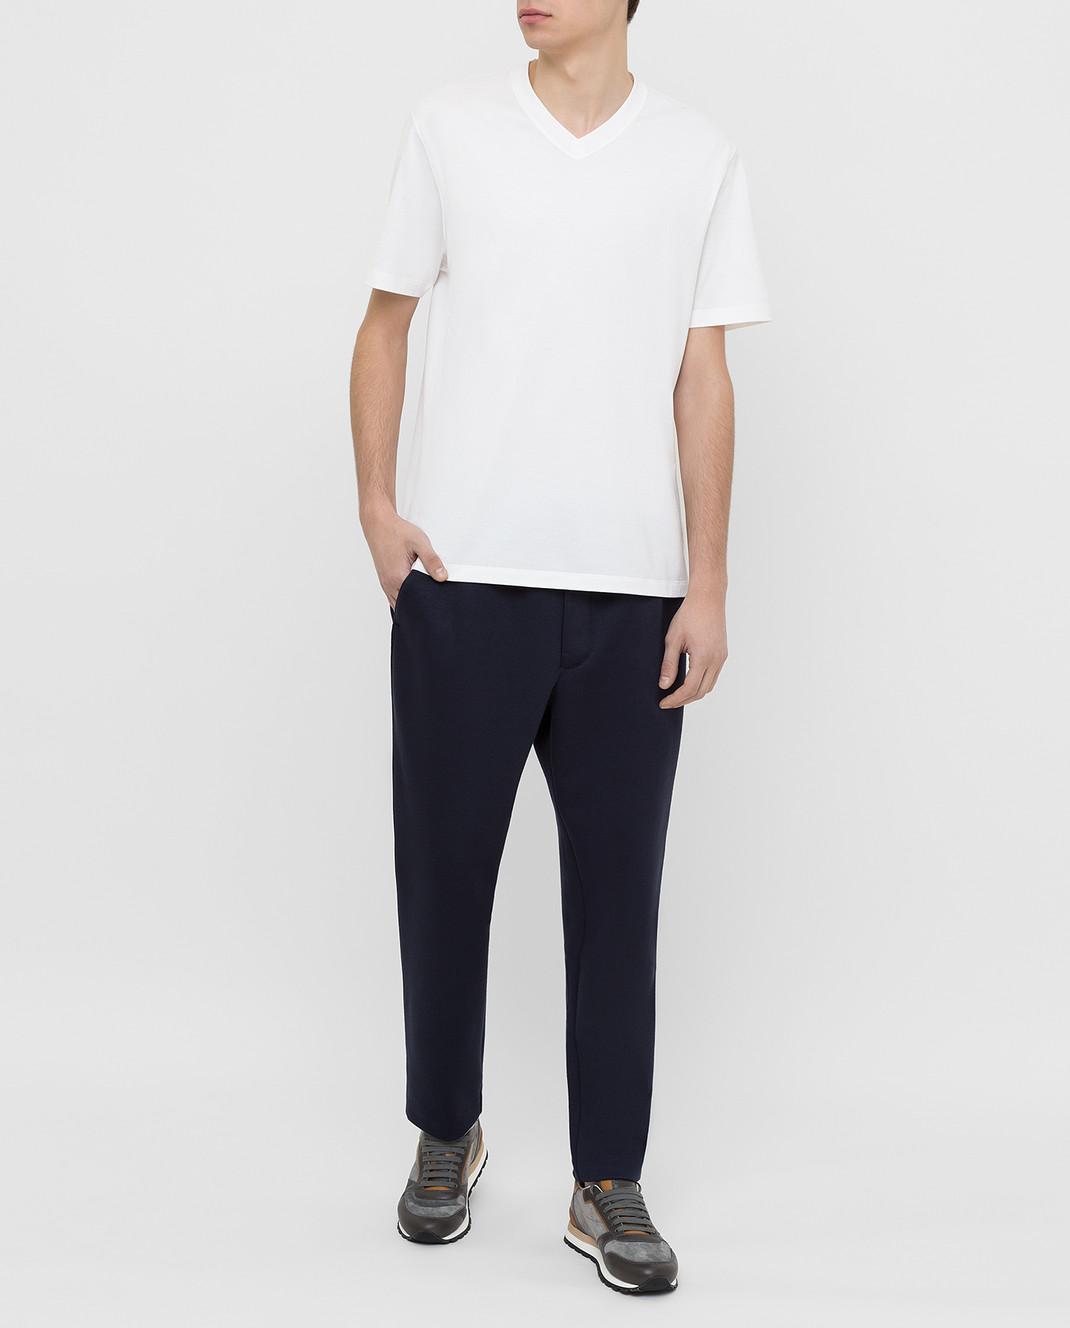 Moncler Темно-синие спортивные брюки 1146600829FC изображение 2